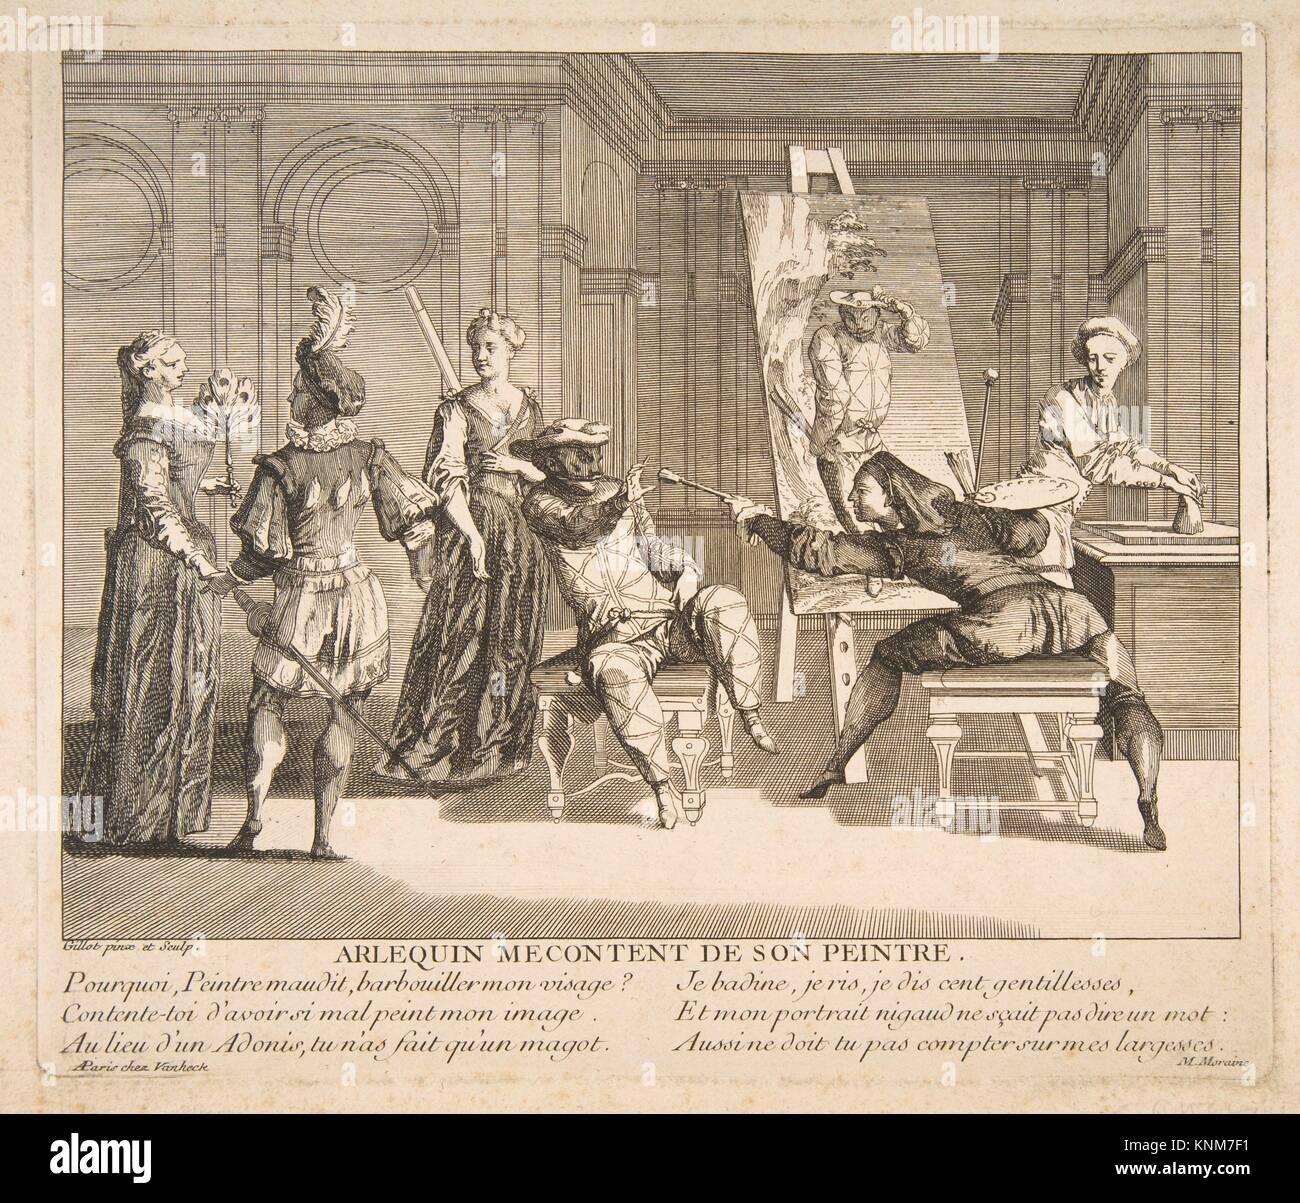 Arlequin Mecontent de Son Peintre. Artist and engraver: Claude Gillot (French, Langres 1673-1722 Paris); Date: n.d; - Stock Image